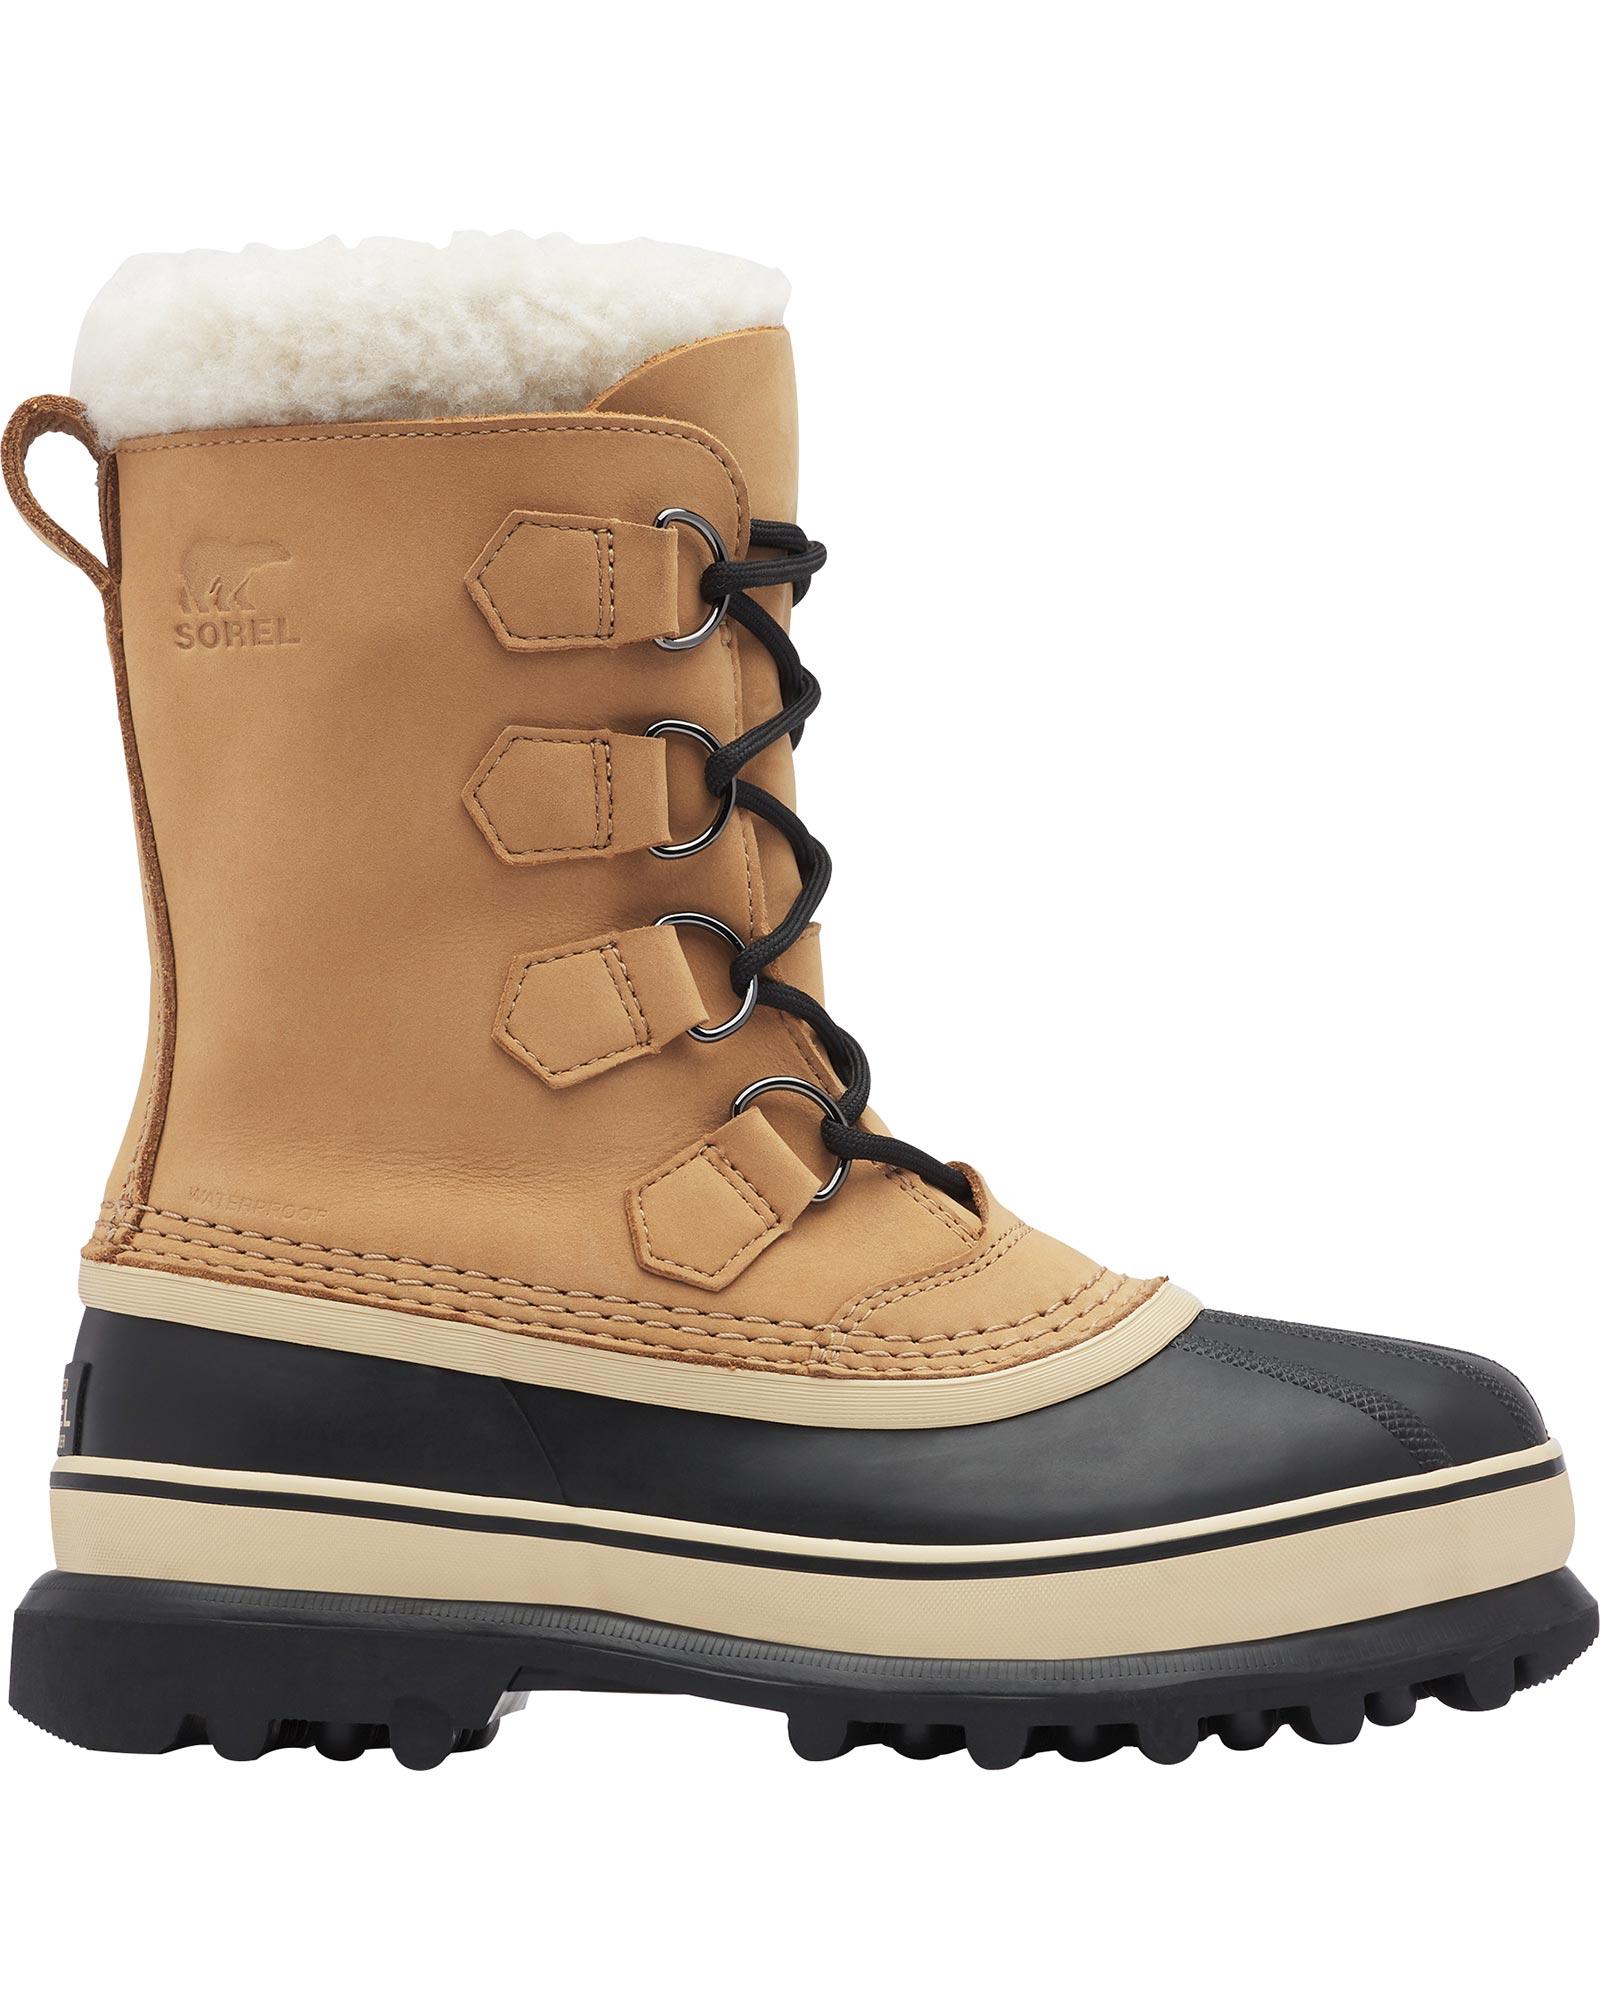 Sorel Mens 1964 Premium T Cvs Snow Boots